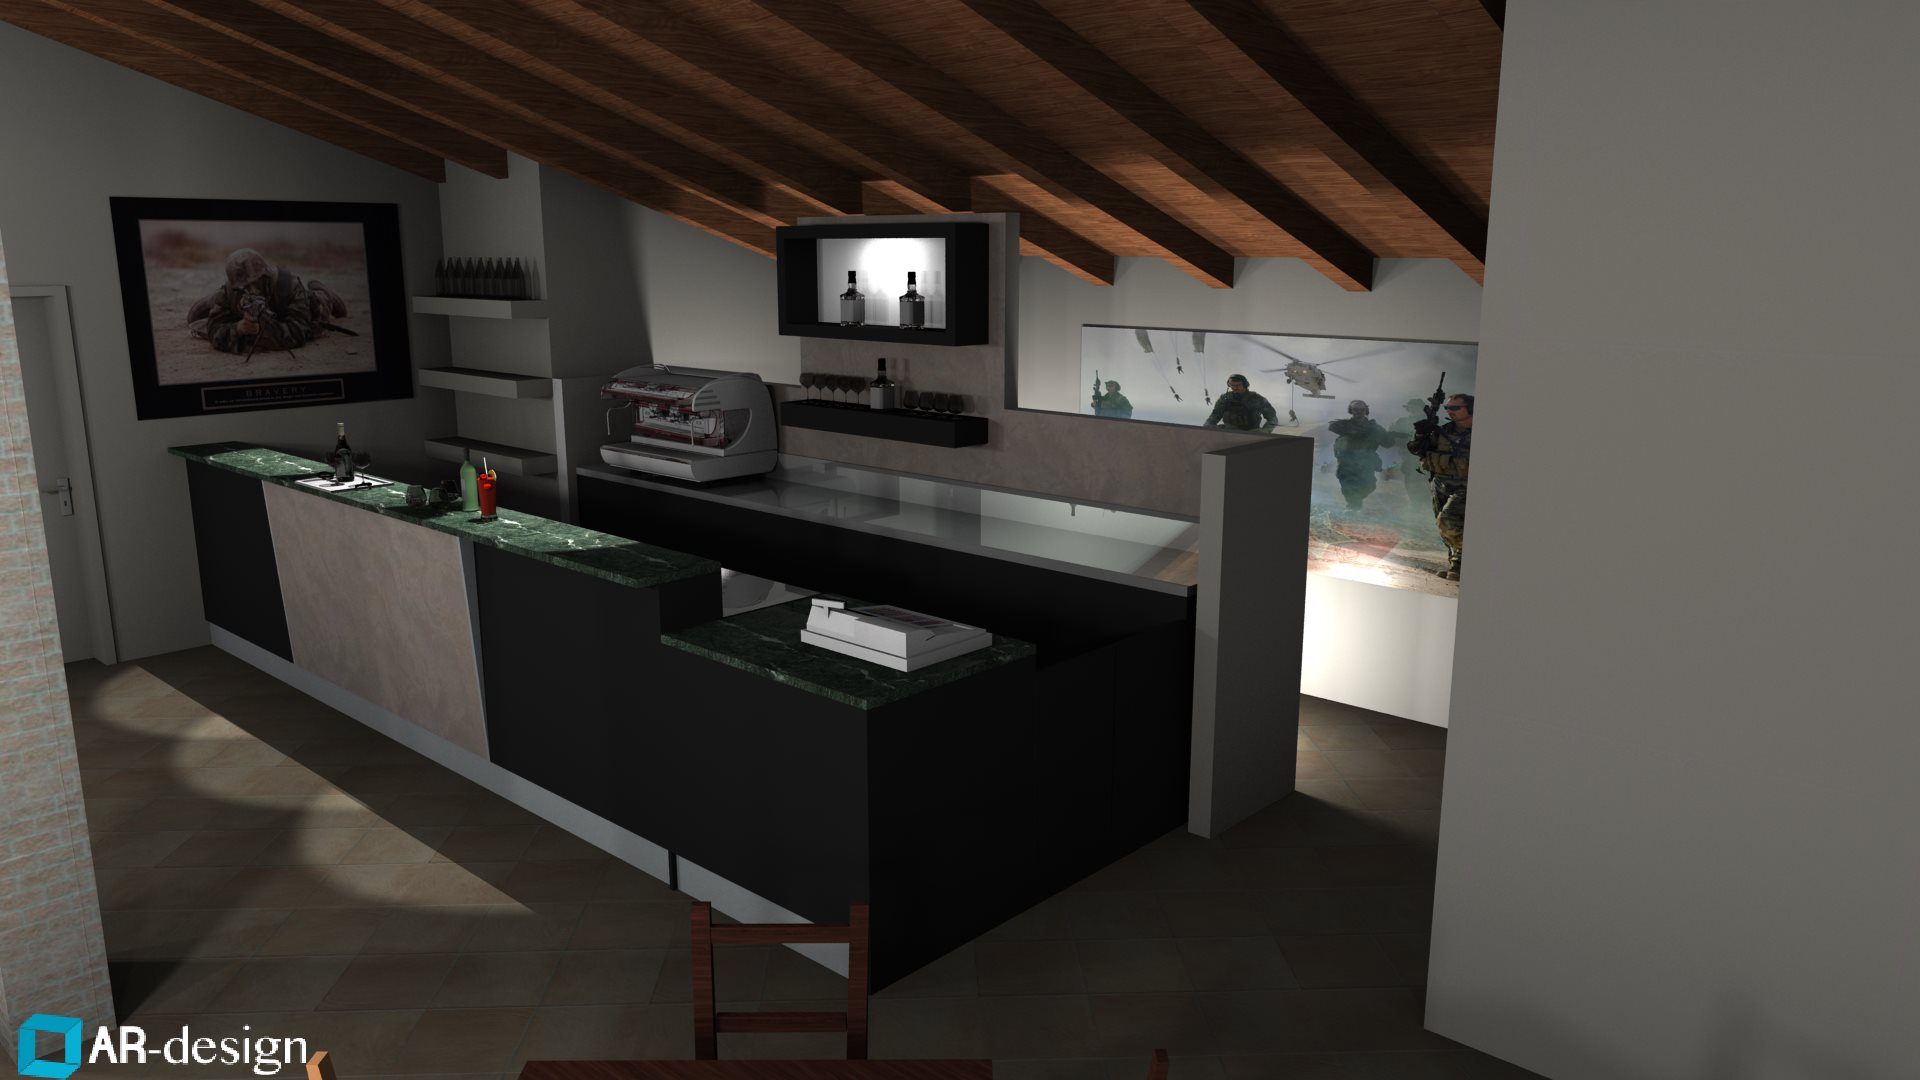 Arredamento bar brescia ar design arredamentiar design for Arredamento brescia